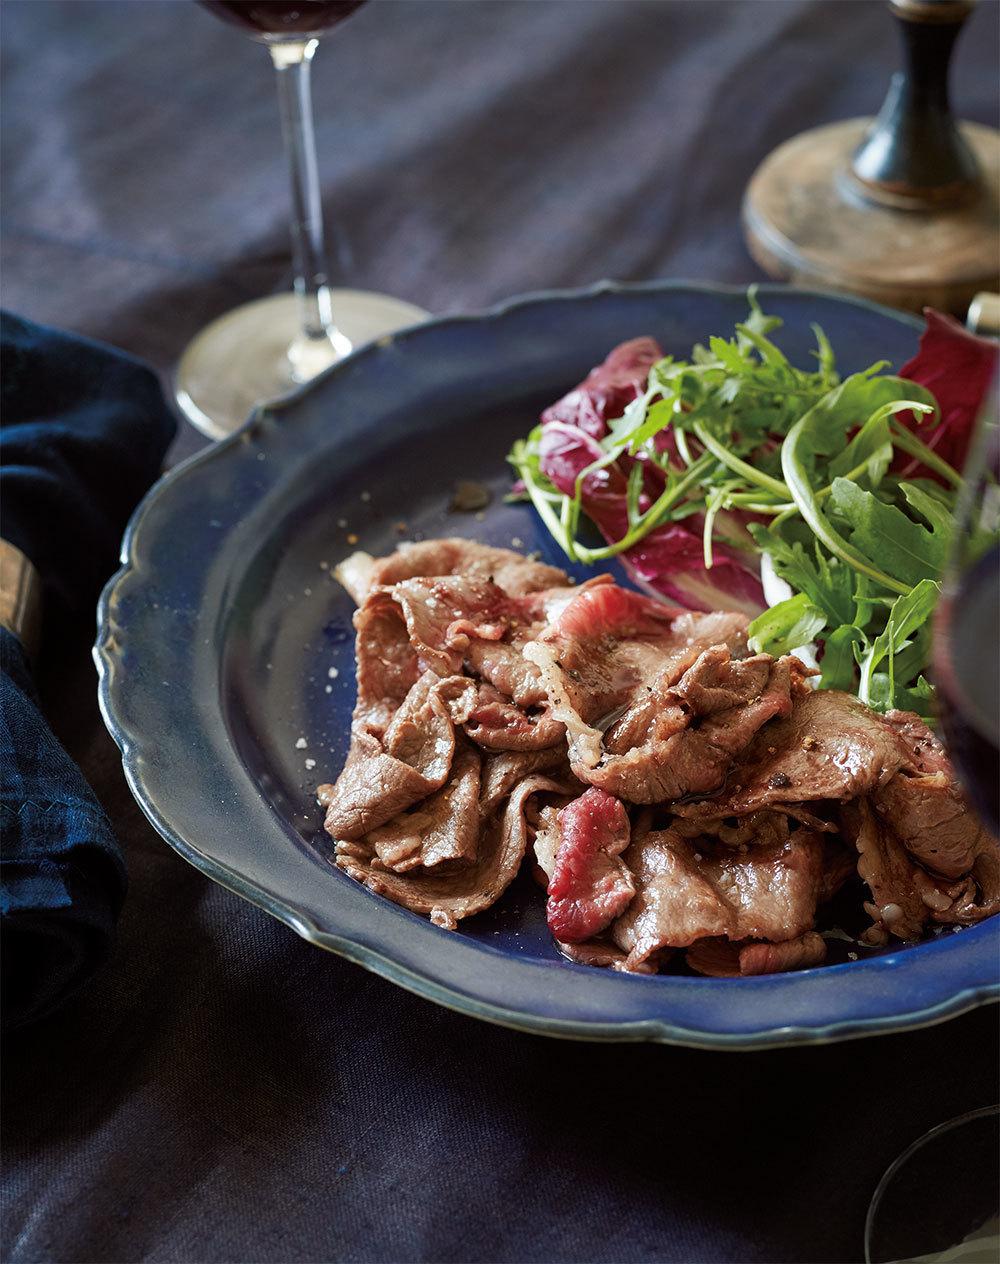 赤ワインに合うおつまみ特集 | 料理研究家 平野由希子さんがおすすめ | 簡単でおいしいレシピまとめ_1_6